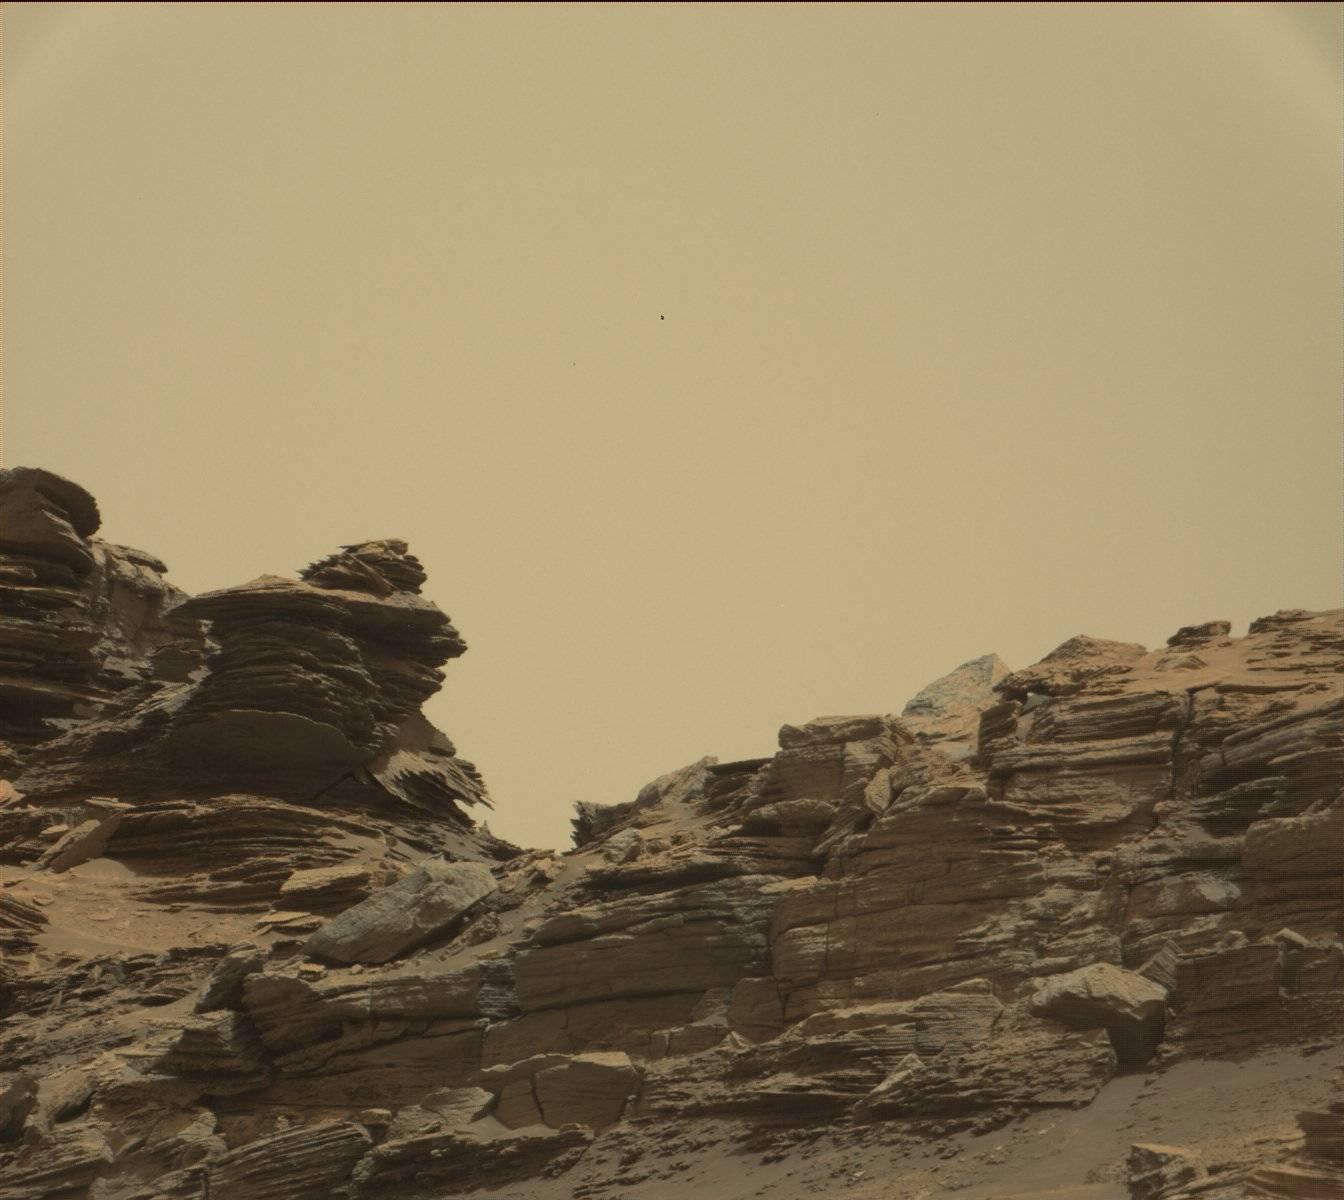 jpl mars rover curiosity - photo #44